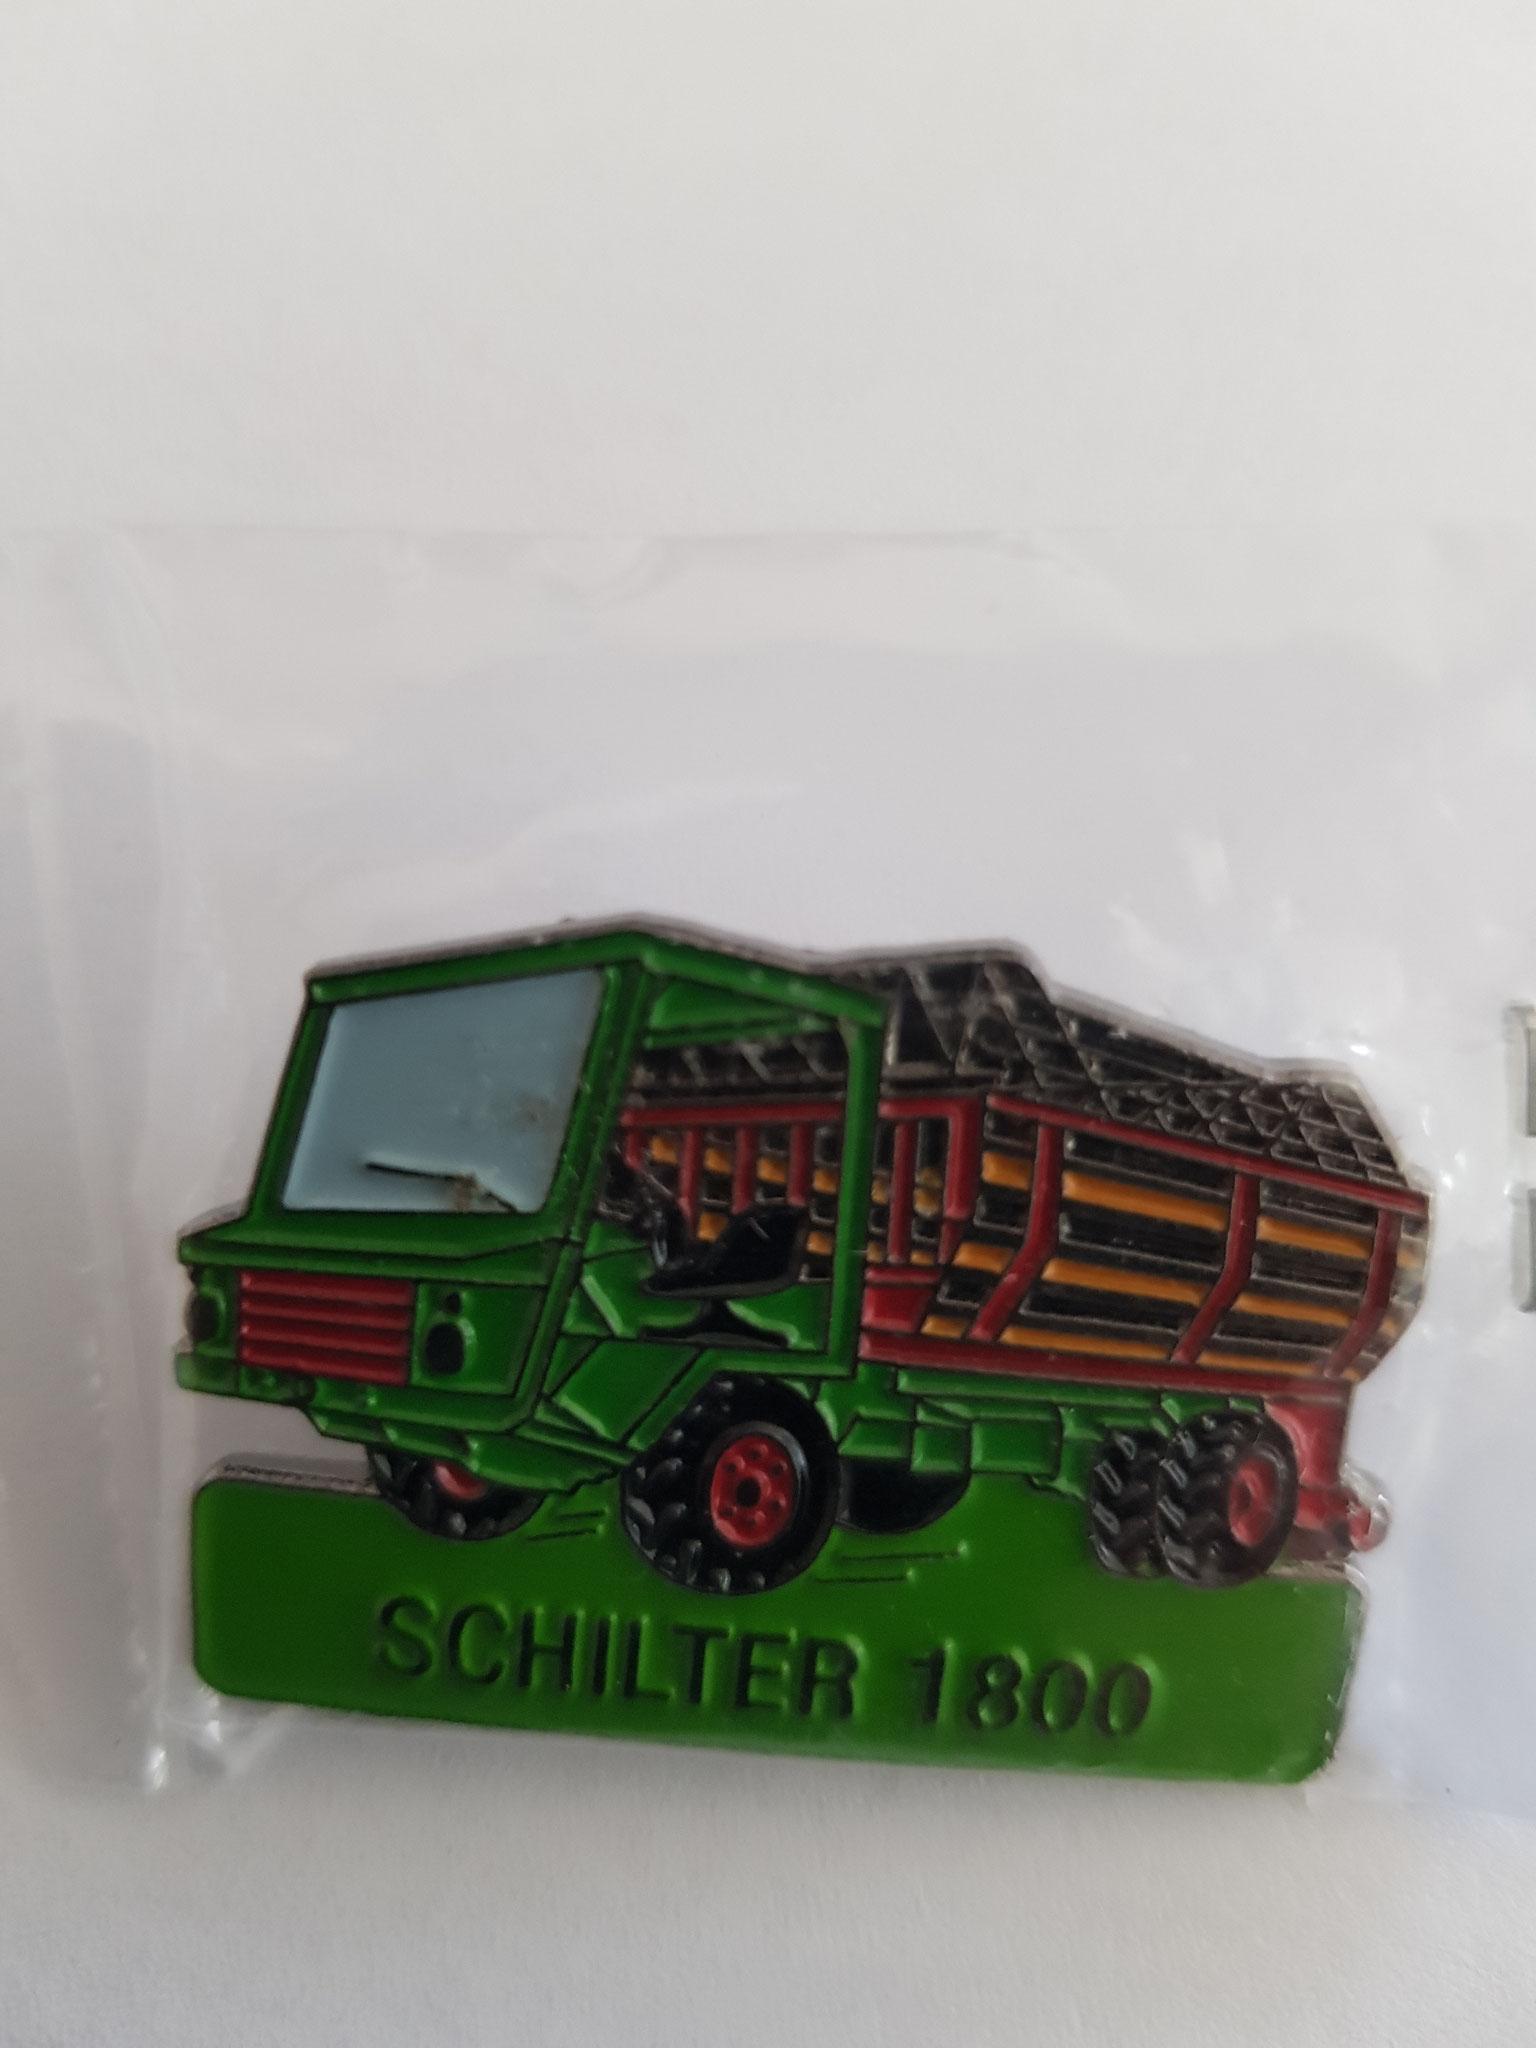 Schilterpin 1800